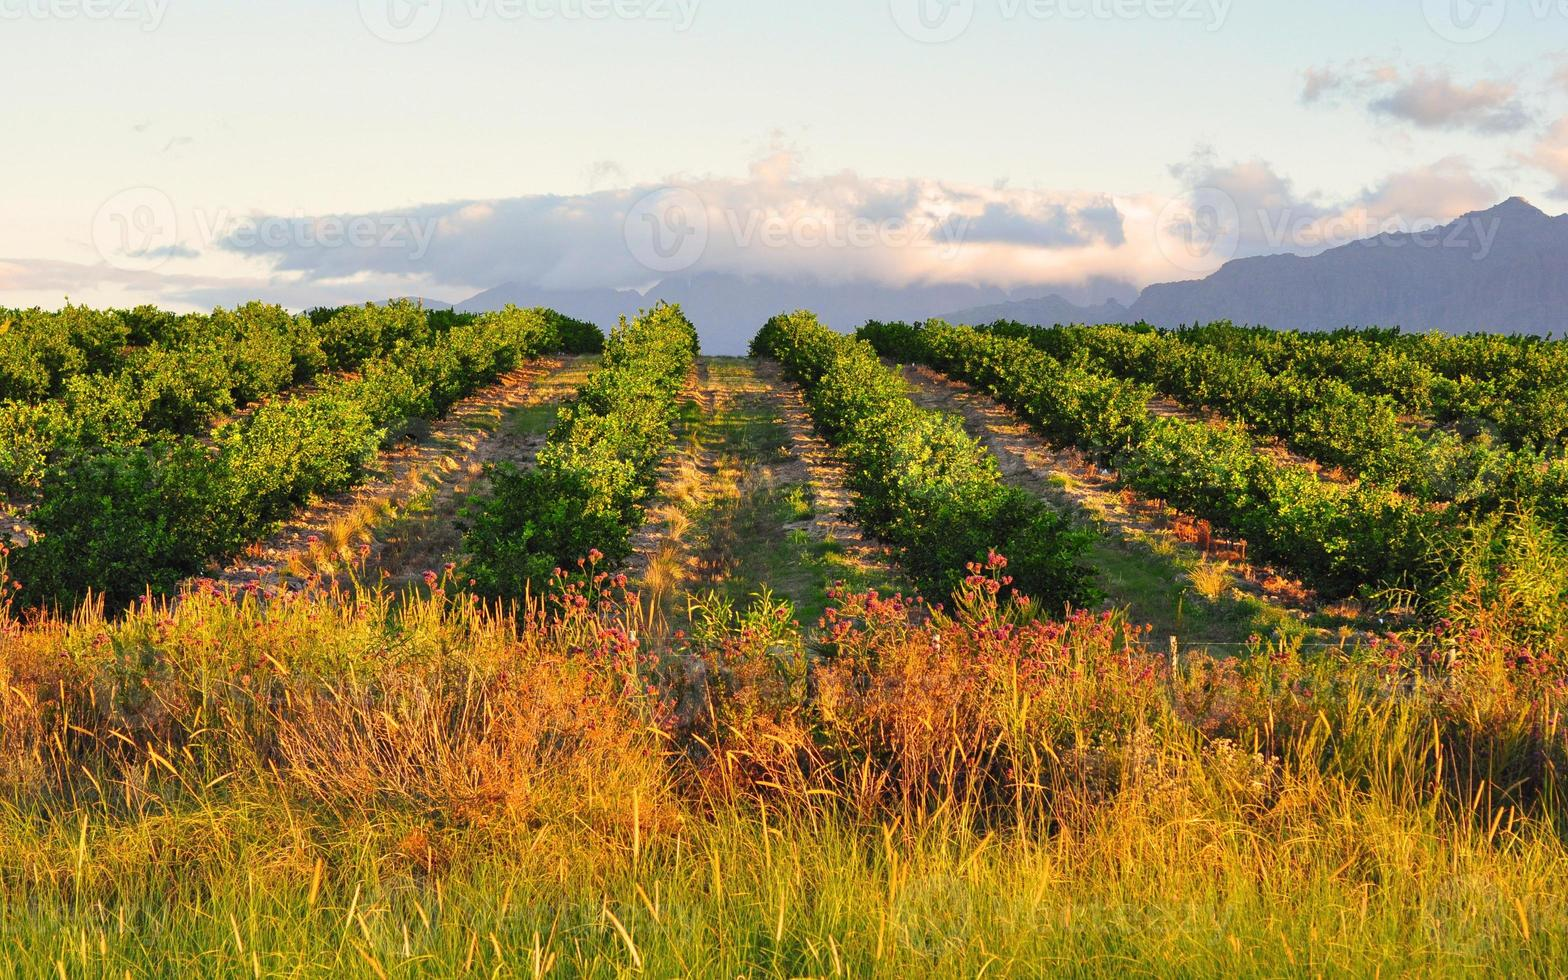 citron fruktträdgård och berg bakgrund foto